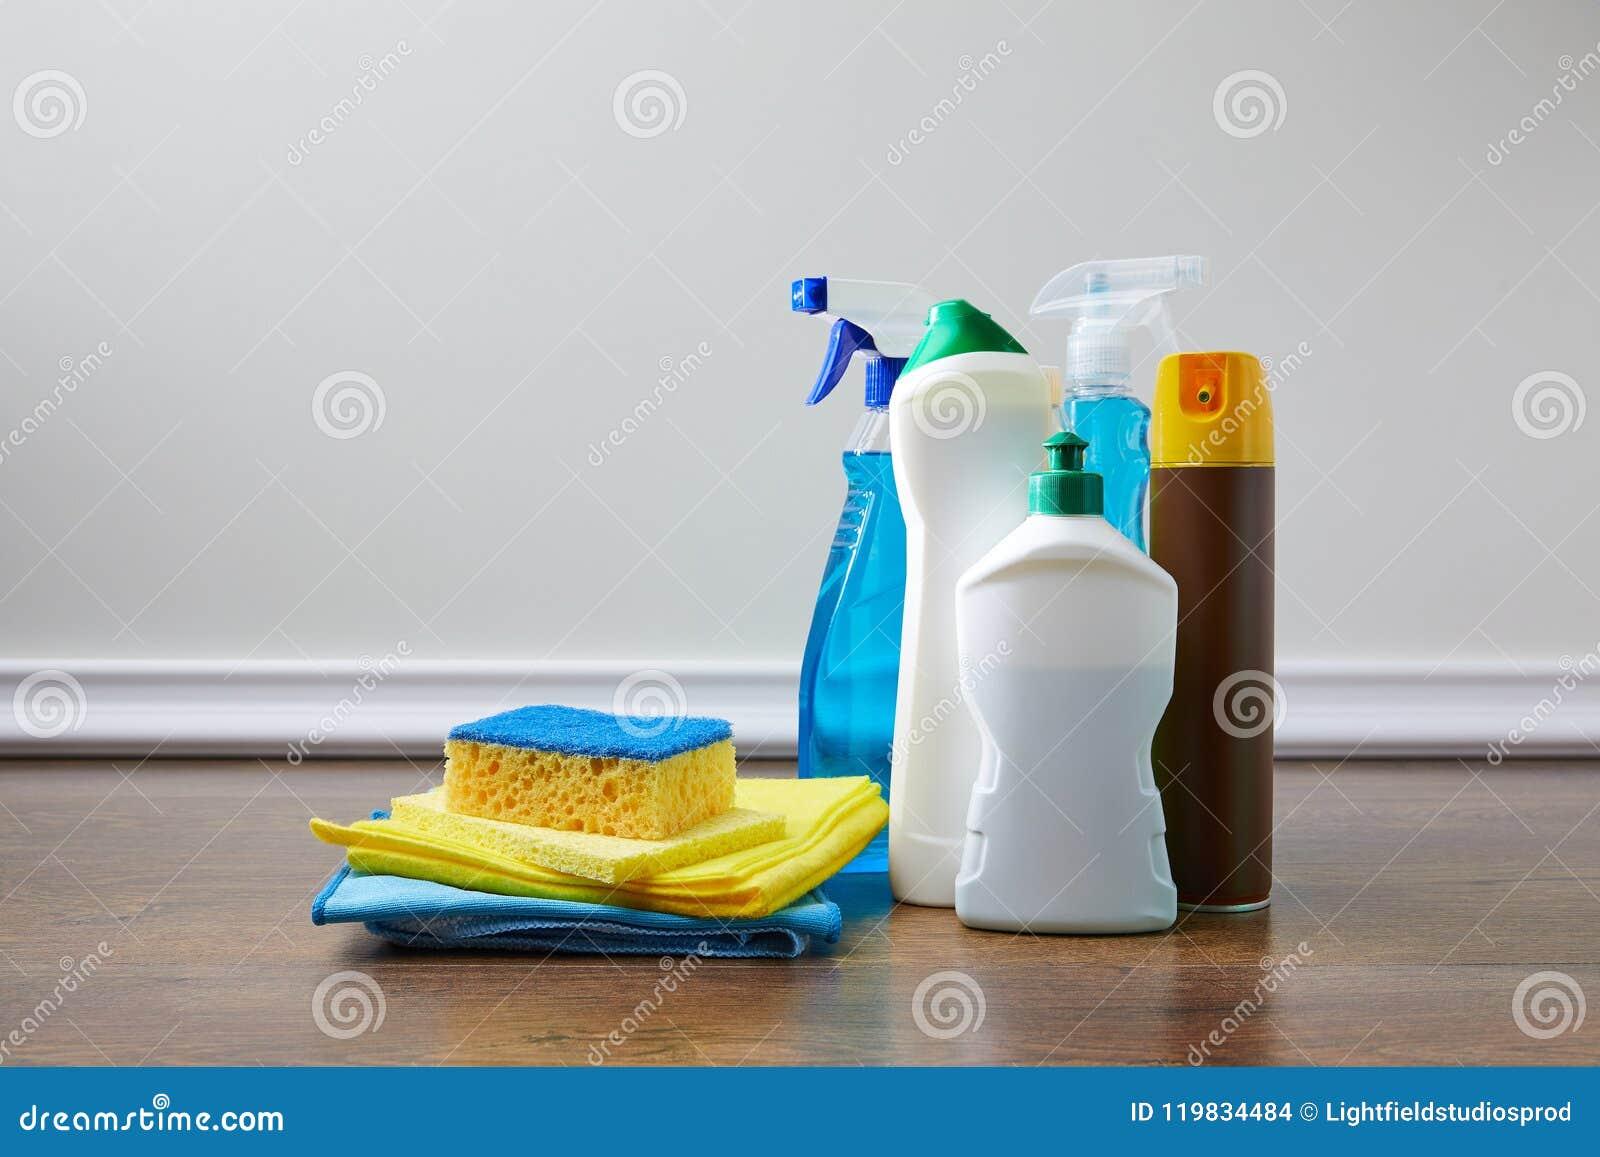 春季大扫除的国内供应